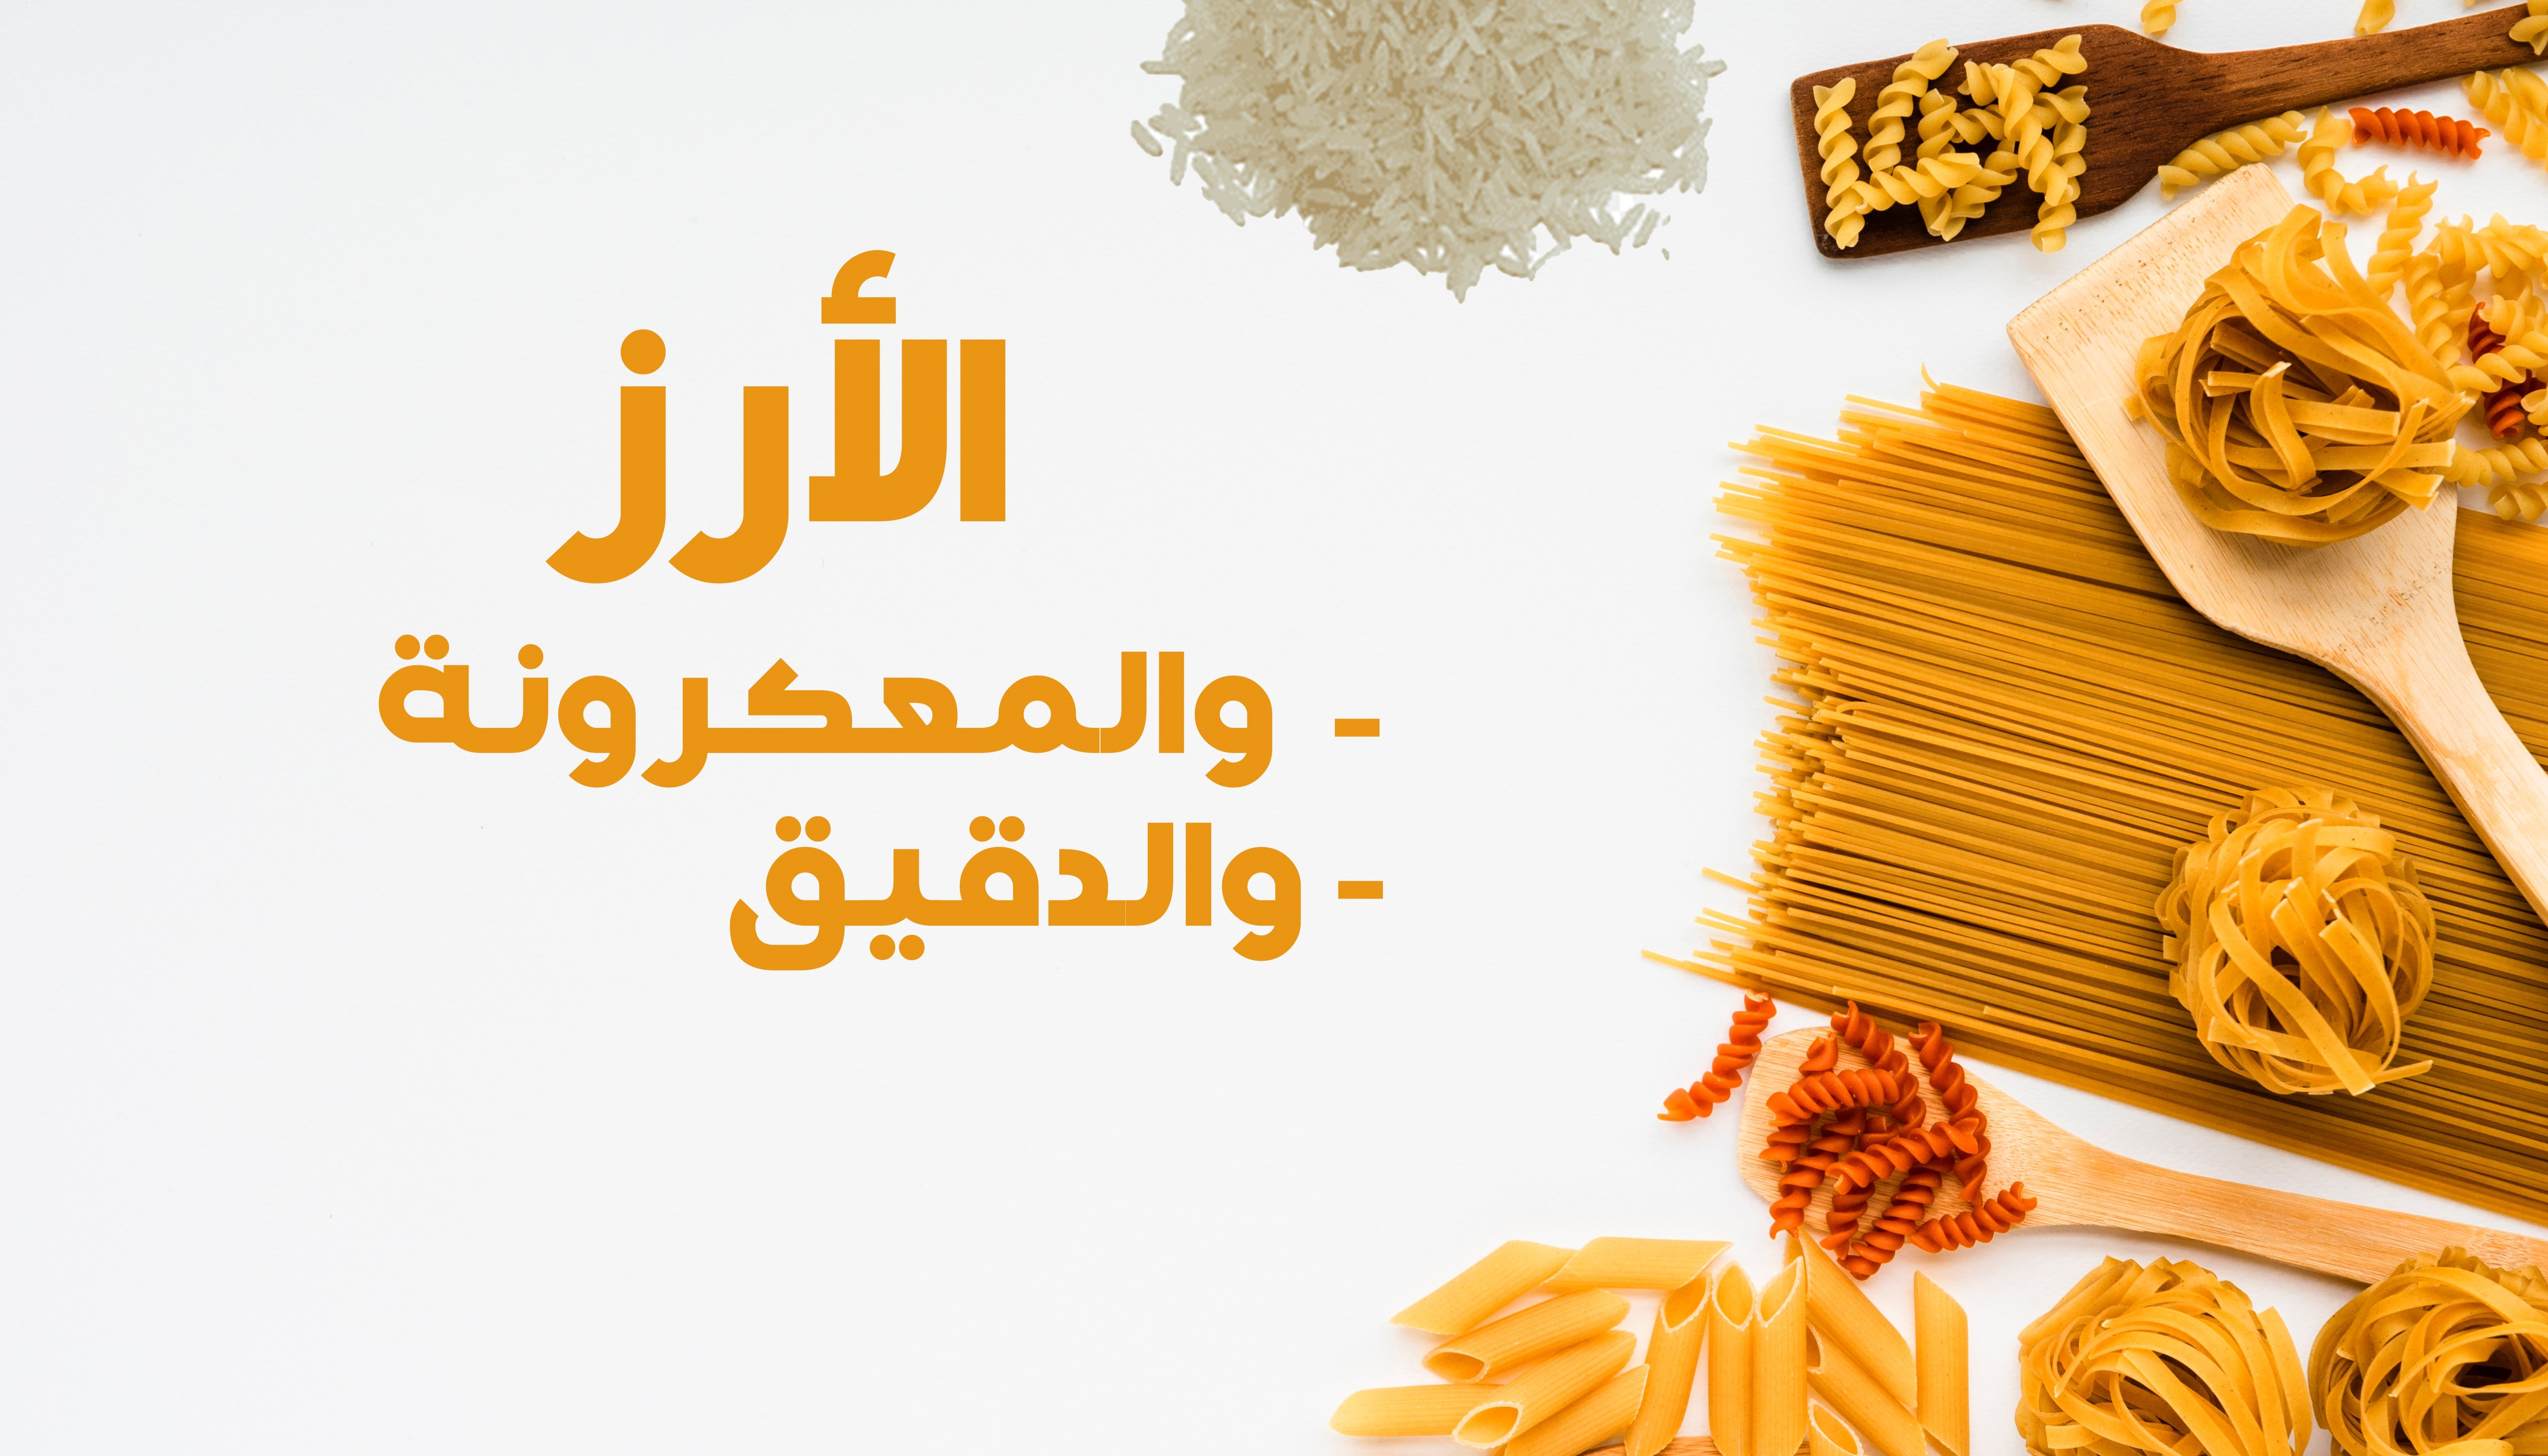 الحبوب والارز والمعكرونة Rice seeds pasta